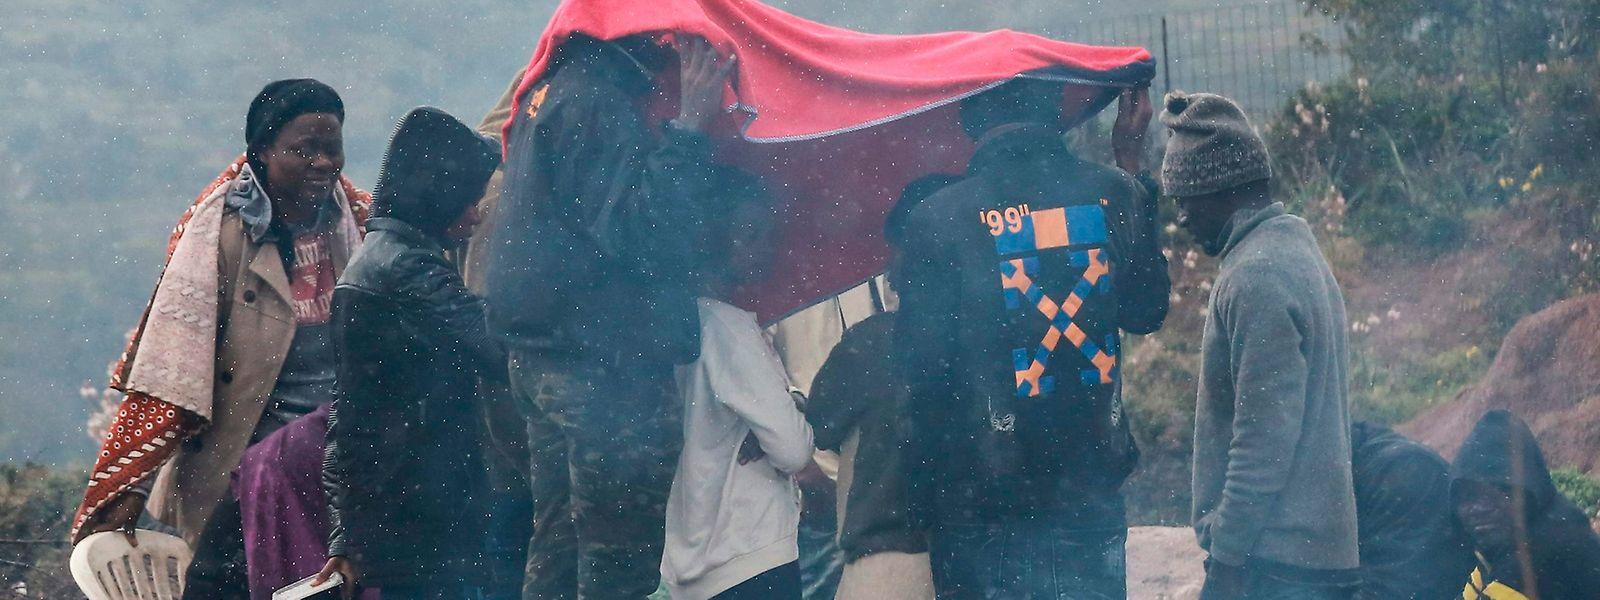 Die Zustände auf den griechischen Inseln sind katastrophal.